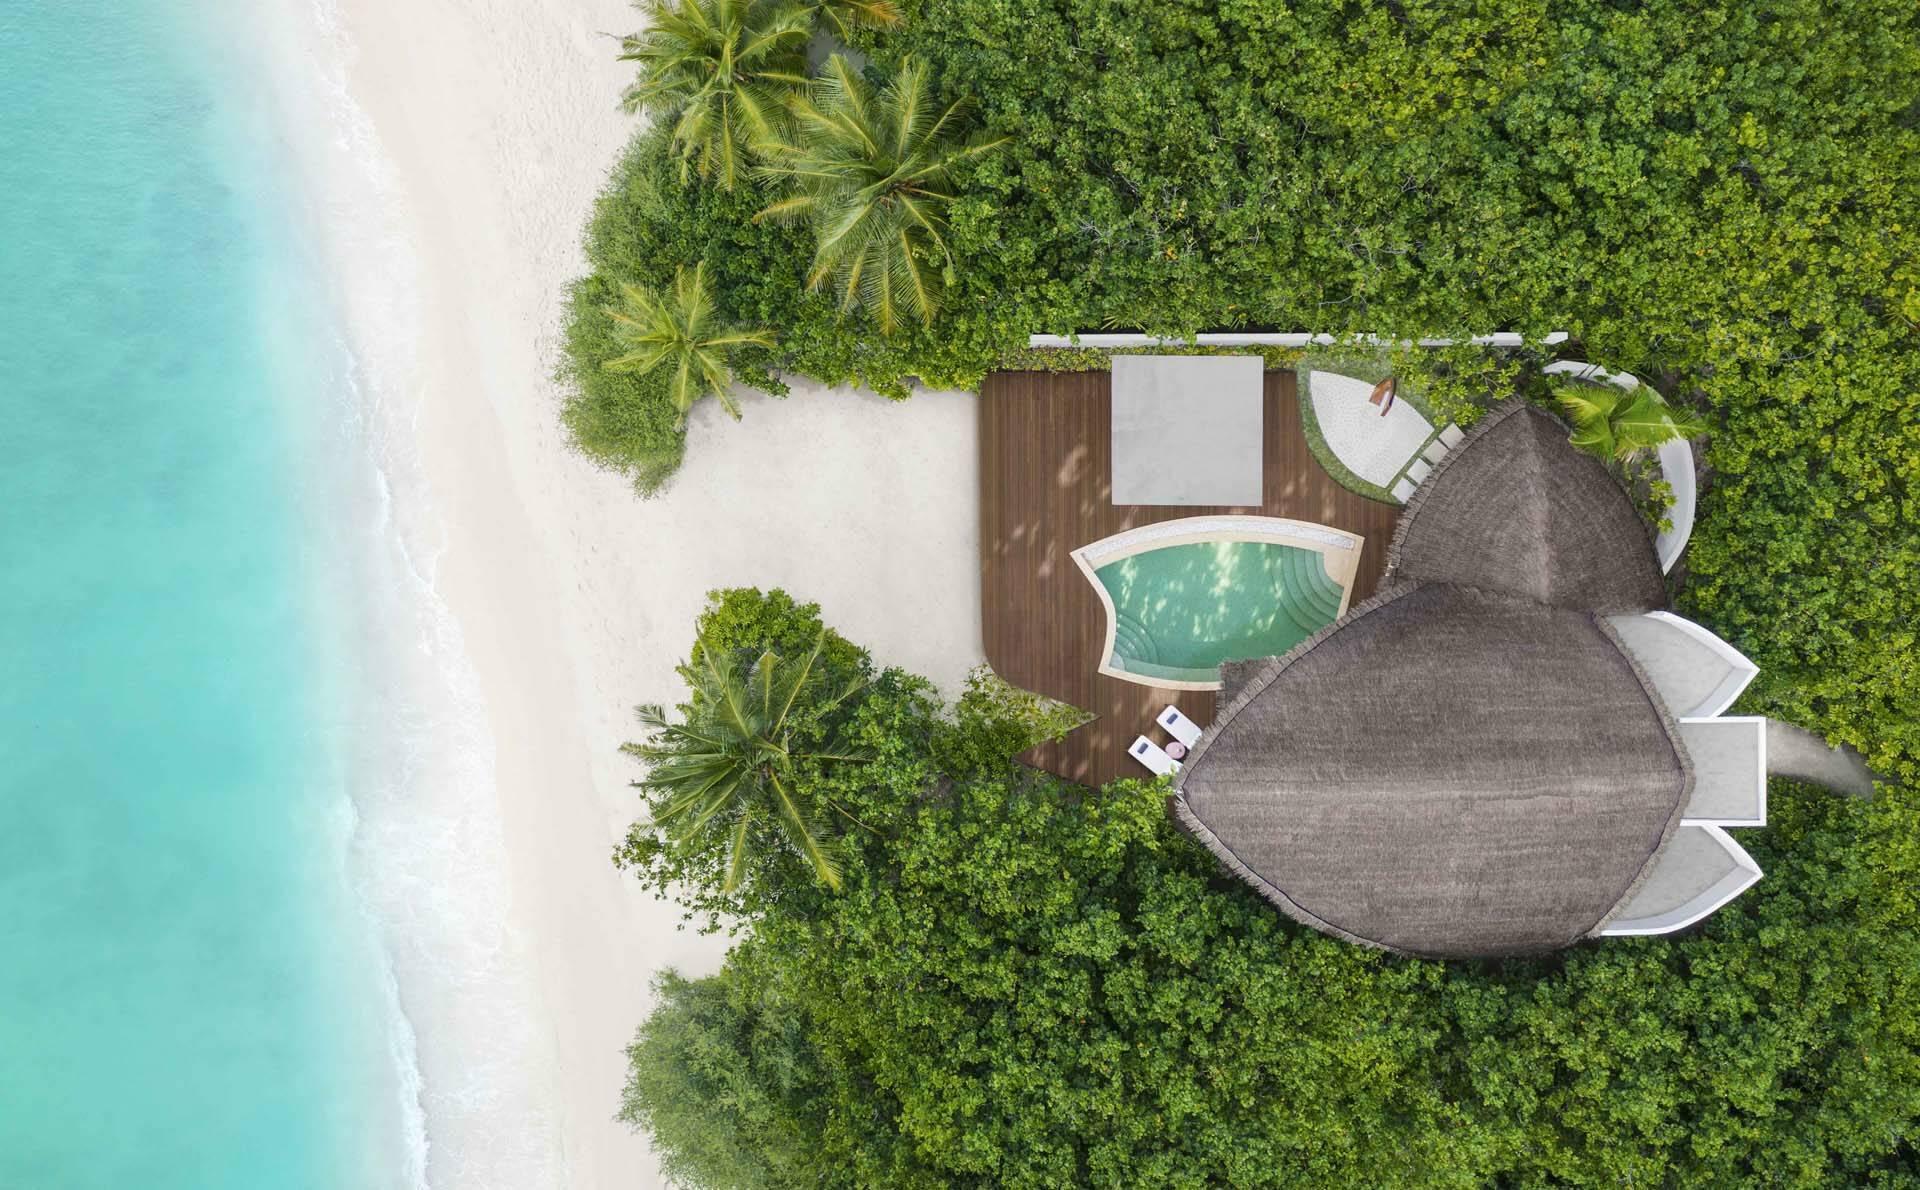 JW Marriott Maldives beach pool villa